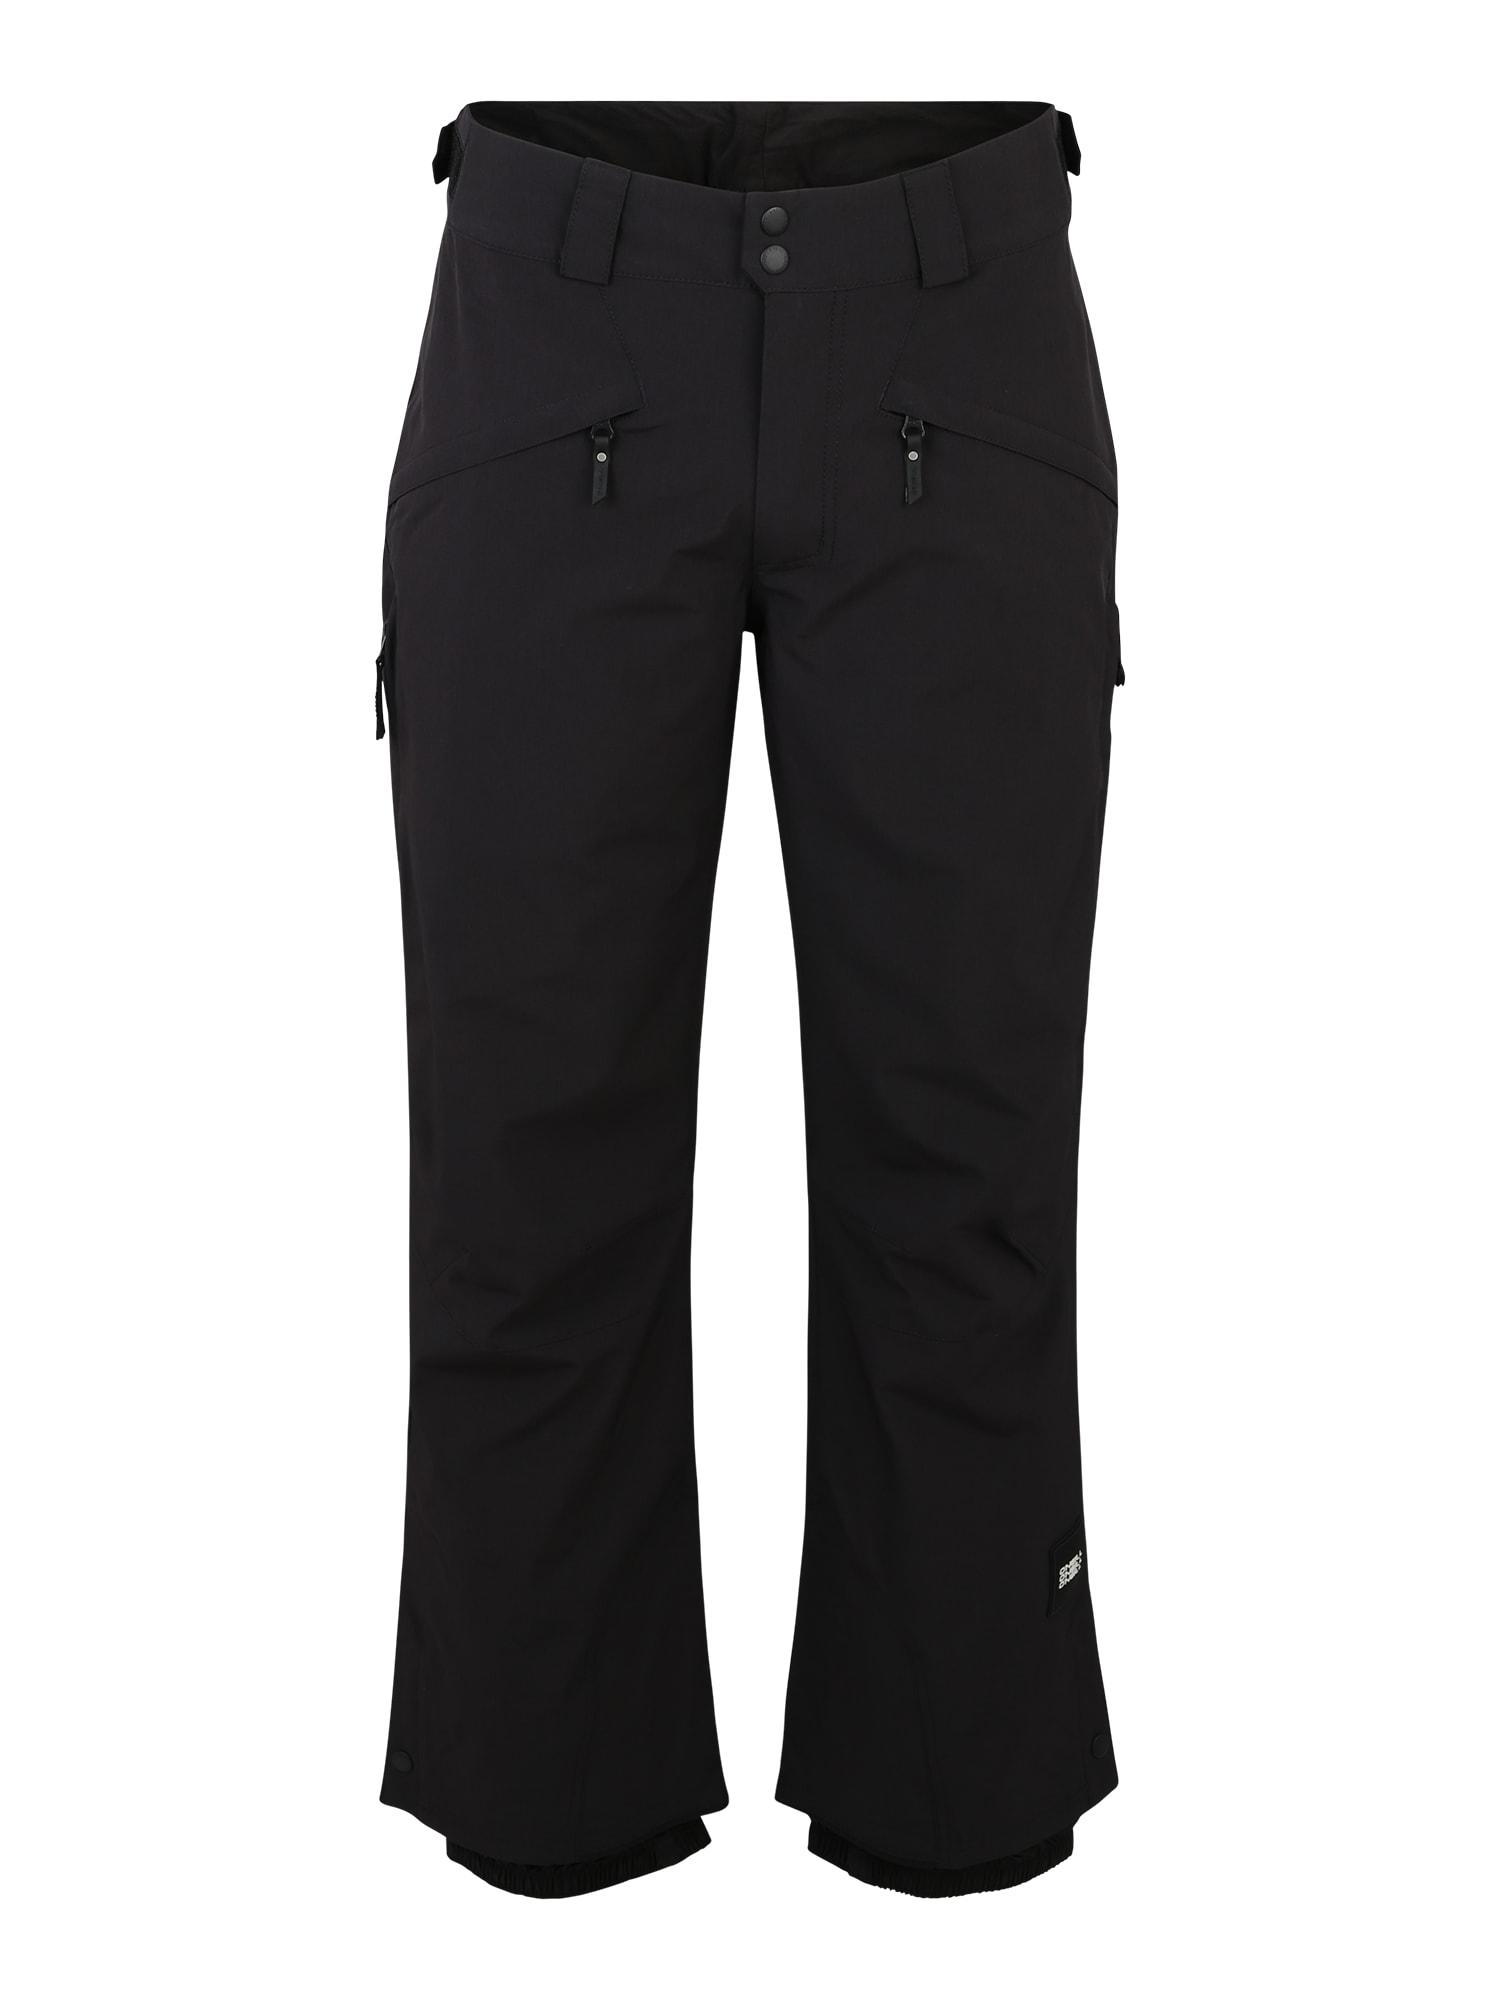 O'NEILL Sportinės kelnės 'PM QUARTZITE PANTS' juoda